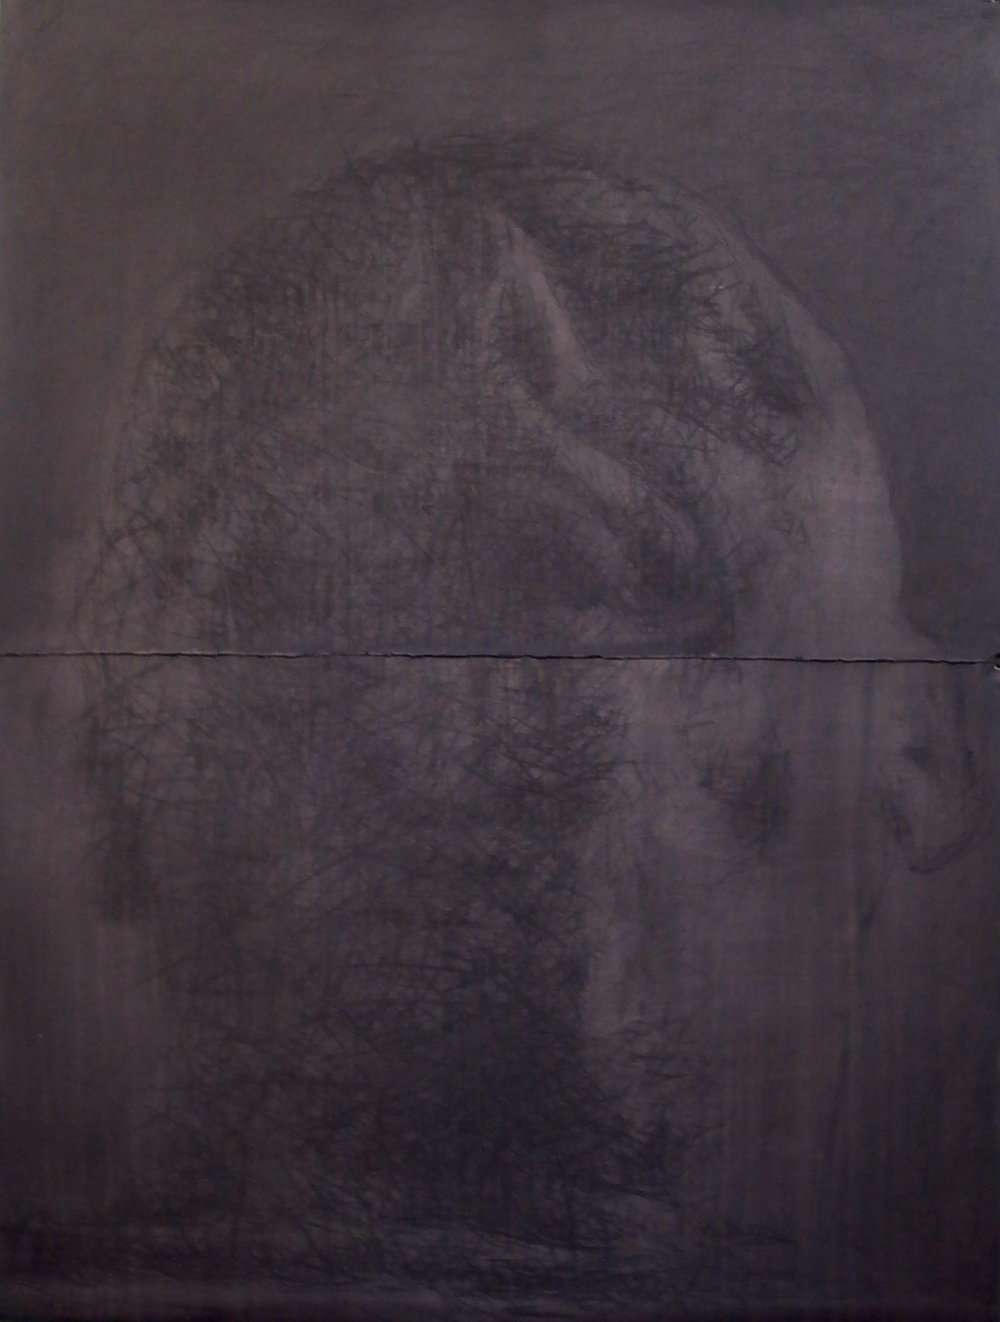 J Beard- 6th Austalian Drawing Biennale (7.jpg